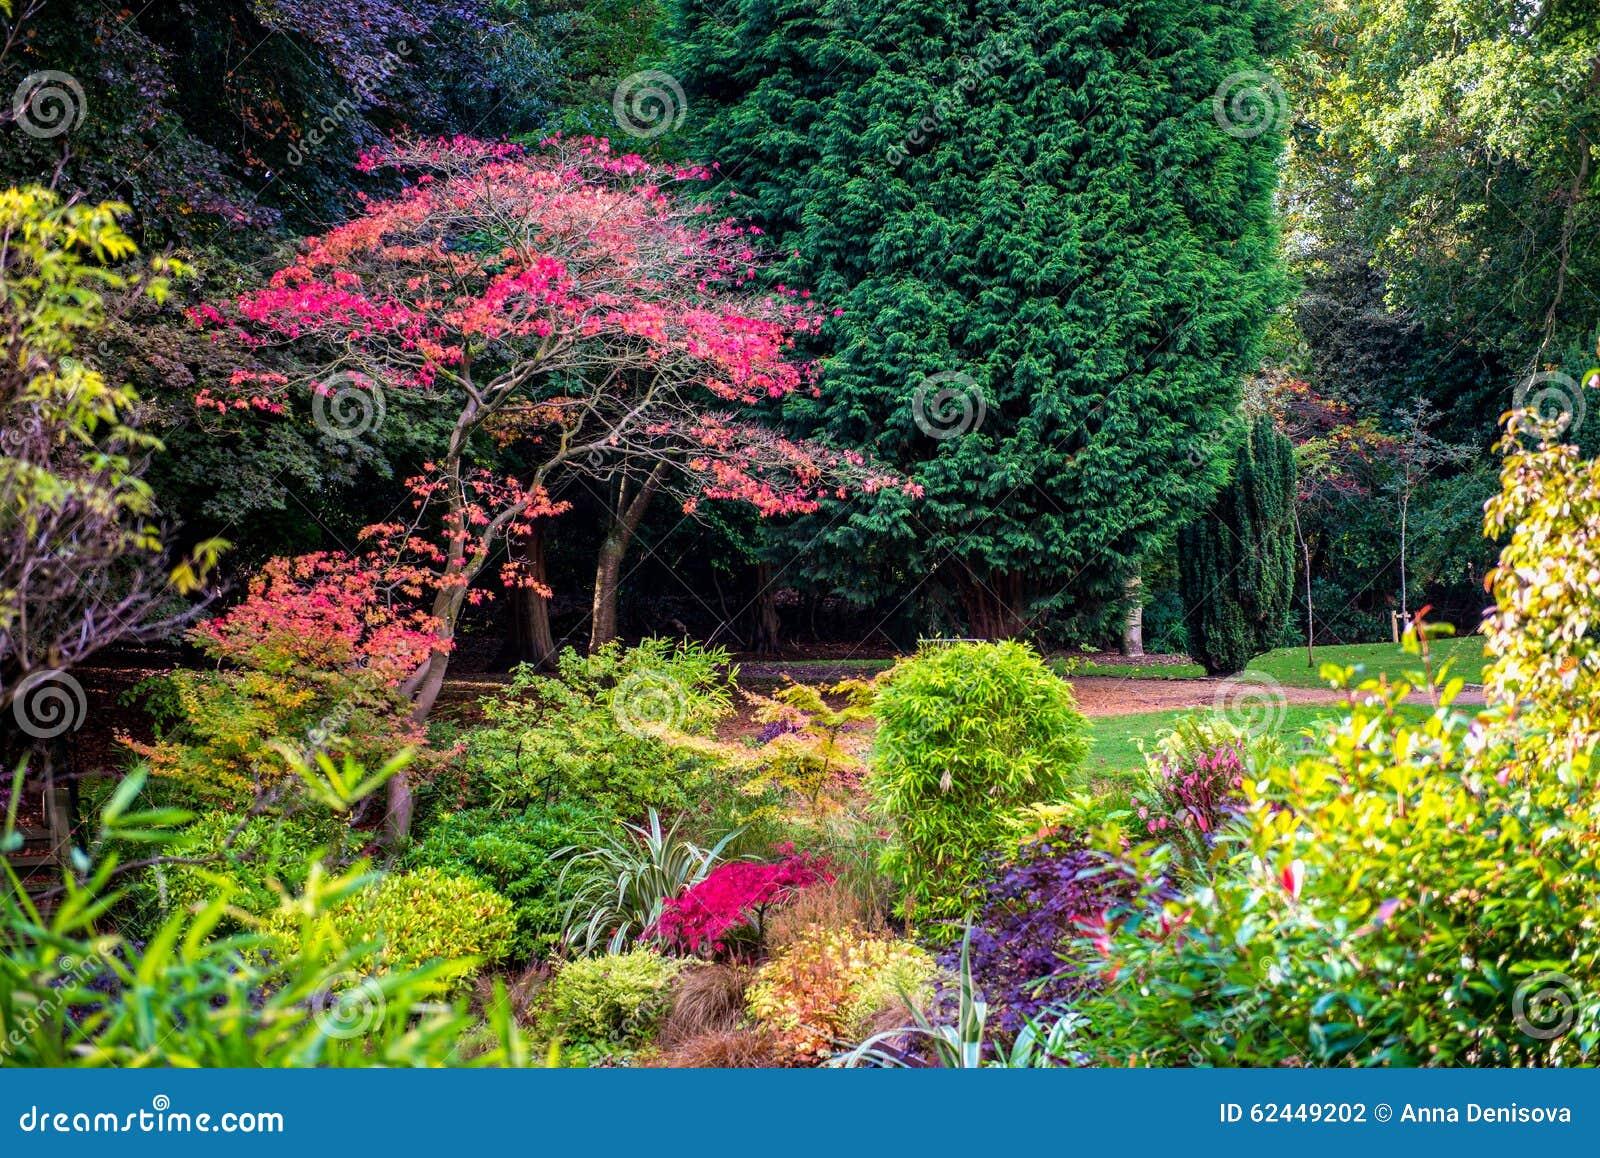 Beau jardin anglais color pendant l 39 automne photo stock for Les plus beaux jardins anglais